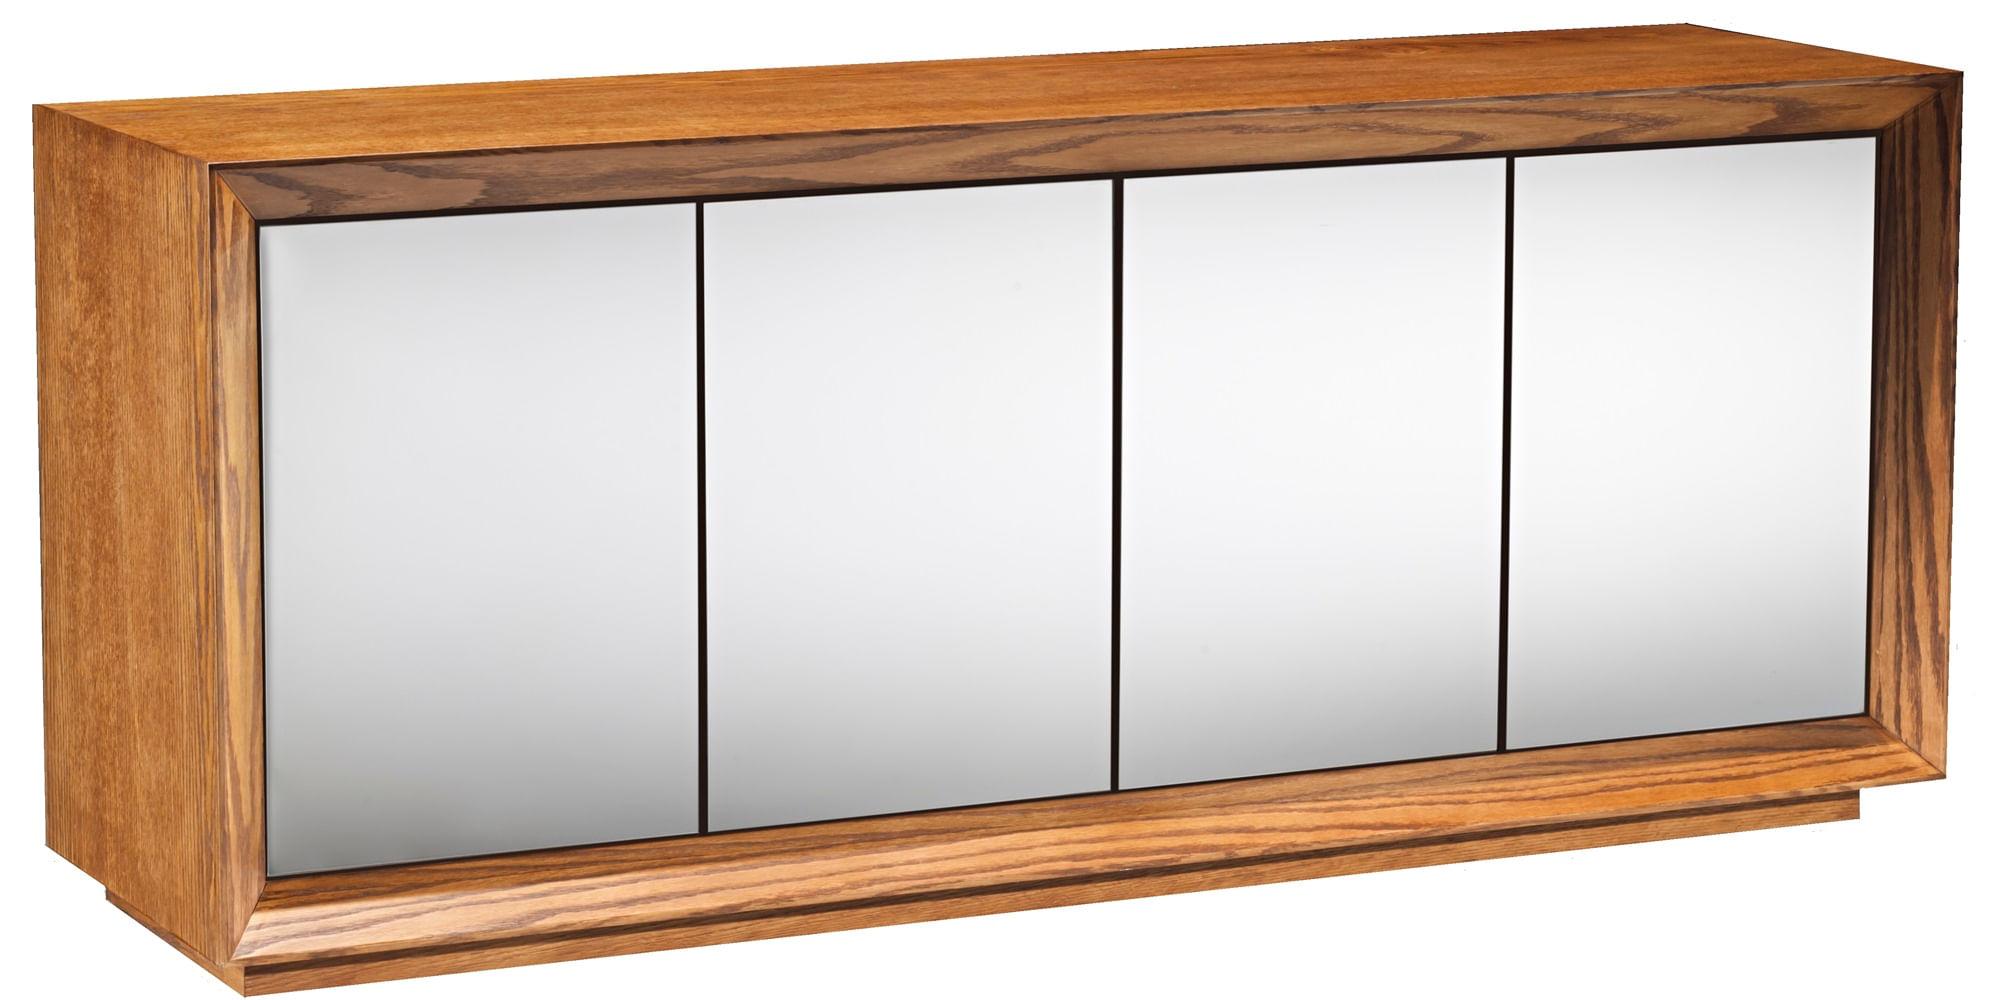 Buffet Passos Amendoa 4 Portas Espelho Prata 2,20 MT- 36103